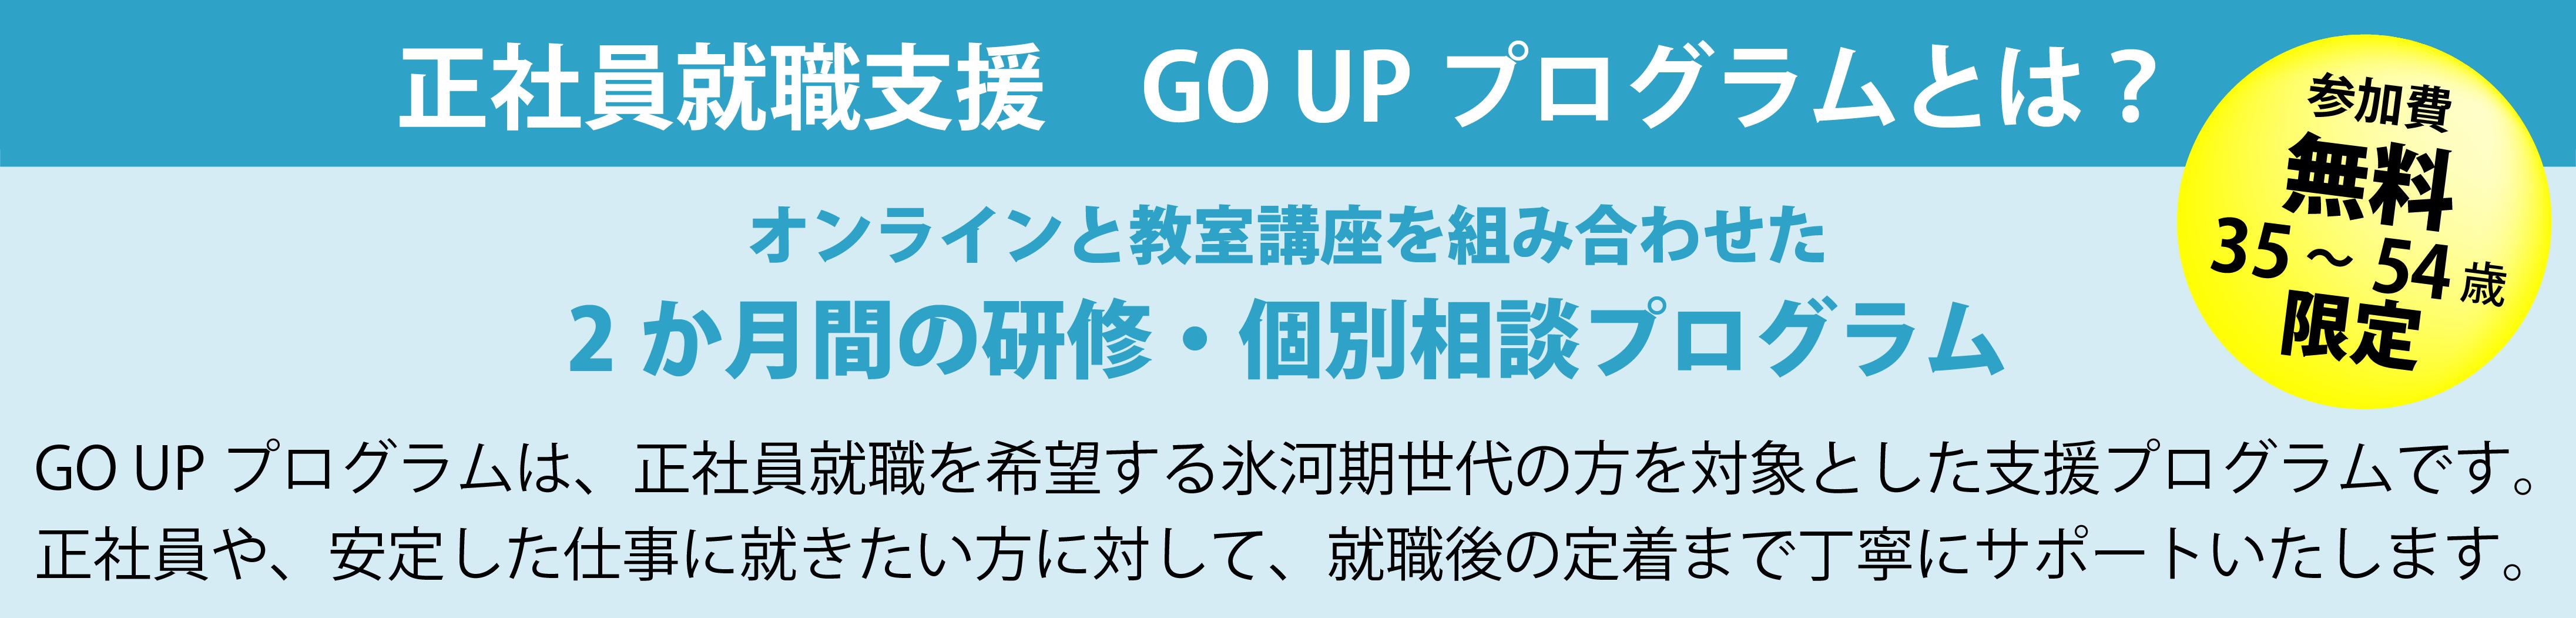 20200704_正社員就職支援GO UPプログラムとはver3_02